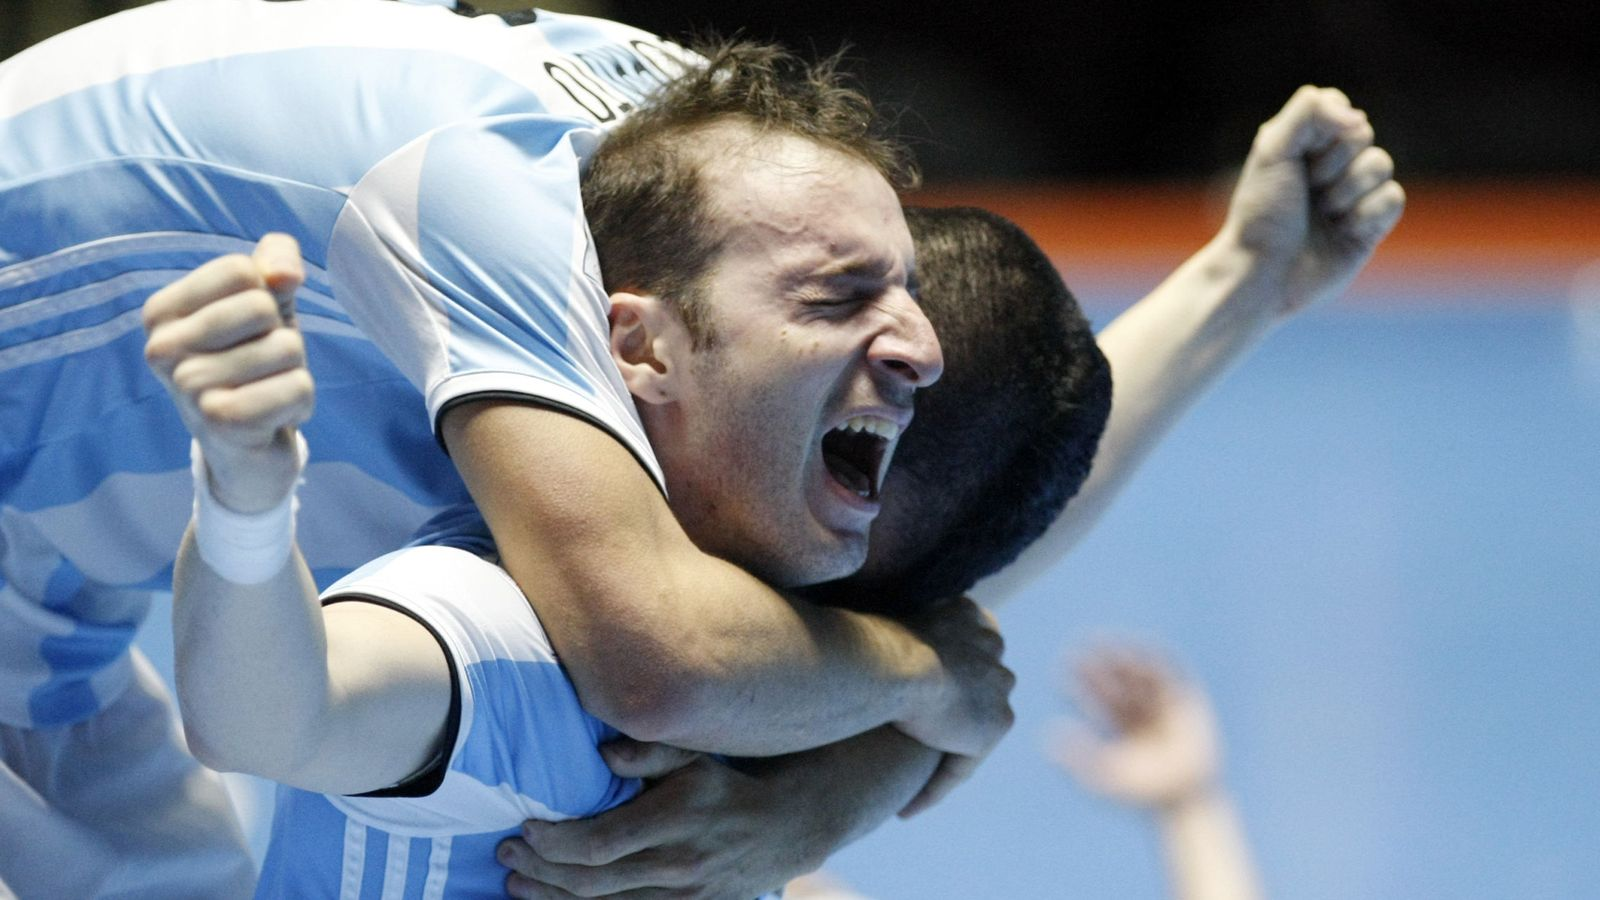 Foto: Cuzzolino y Wilhelm celebran el triunfo de Argentina tras vencer a Rusia en la final de la Copa Mundial de Colombia 2016. (EFE)